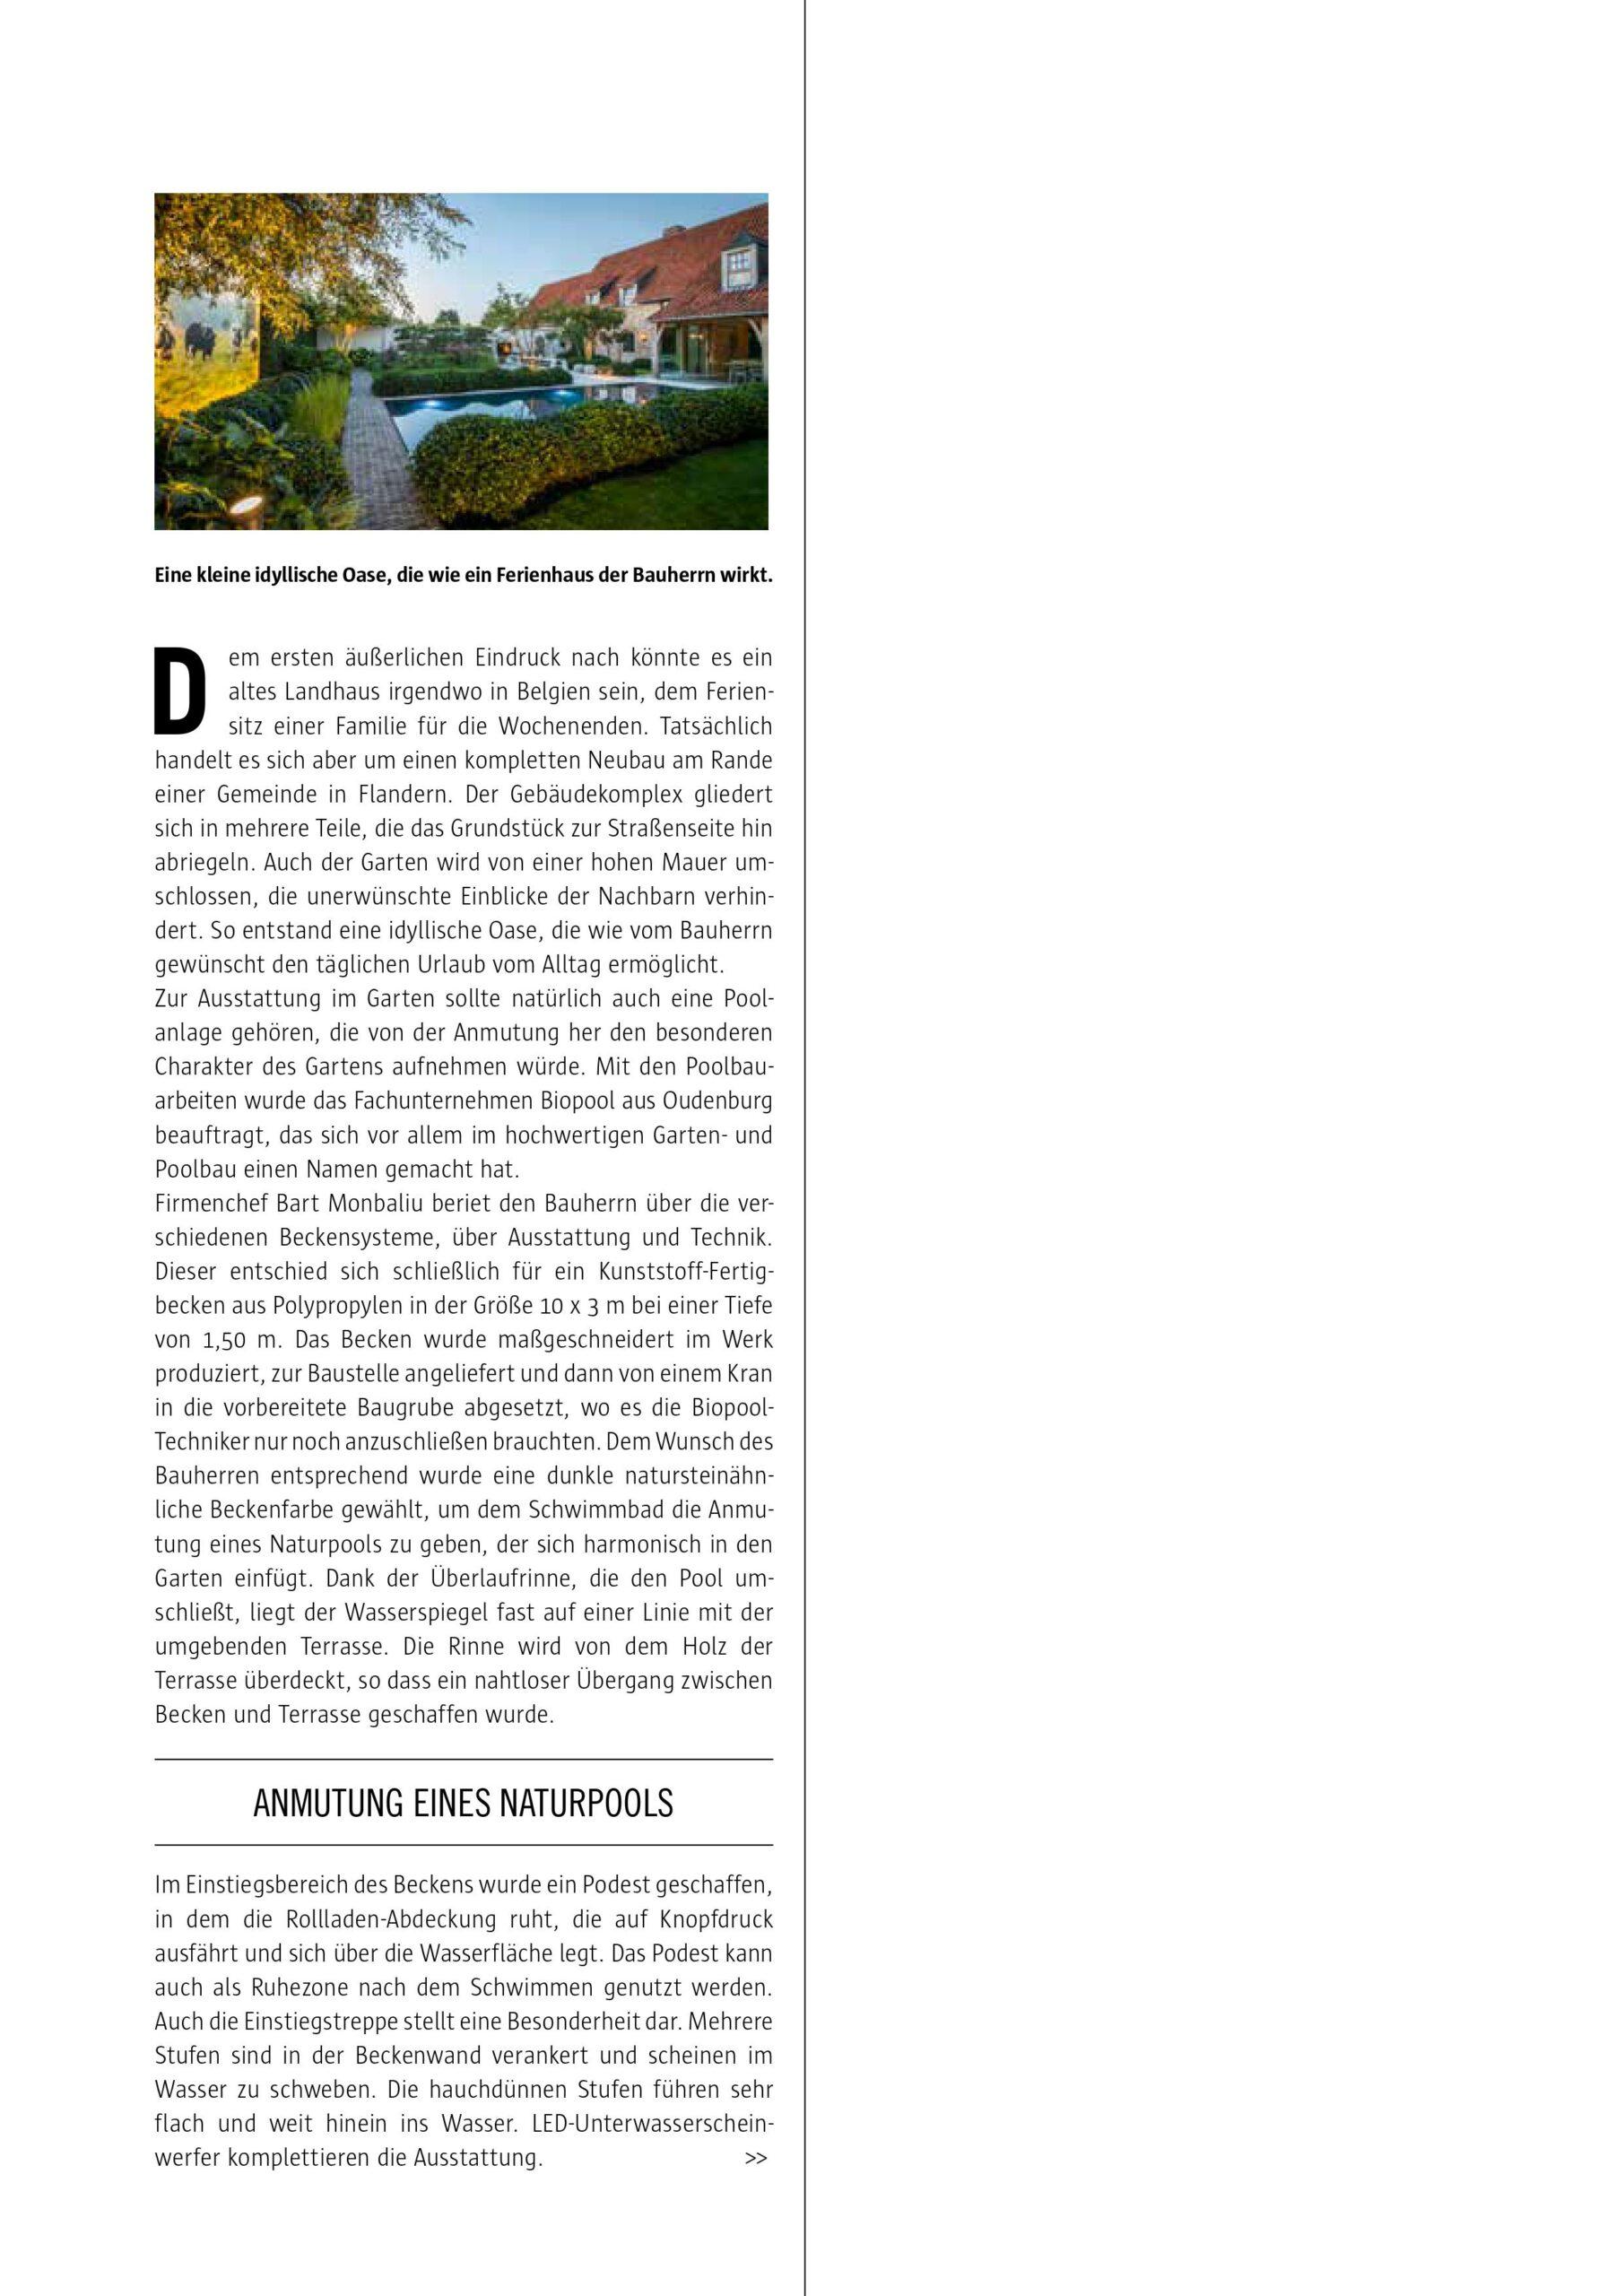 Afbeelding nieuwsitem Reportage Spa & Home – overloop zwembad